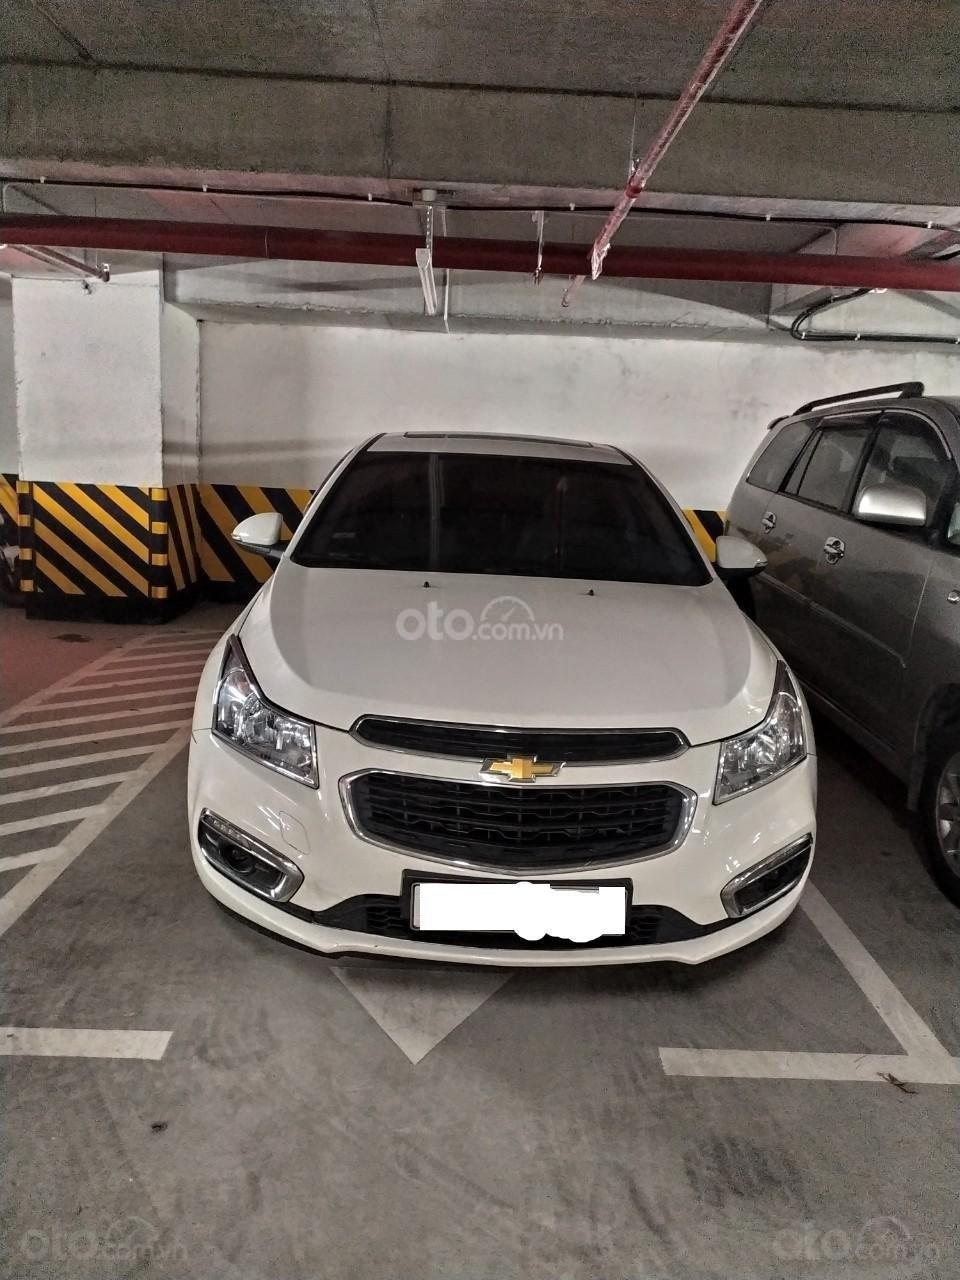 Bán xe Chevrolet Cruze 1.8, trắng, chính chủ, có lộc (1)